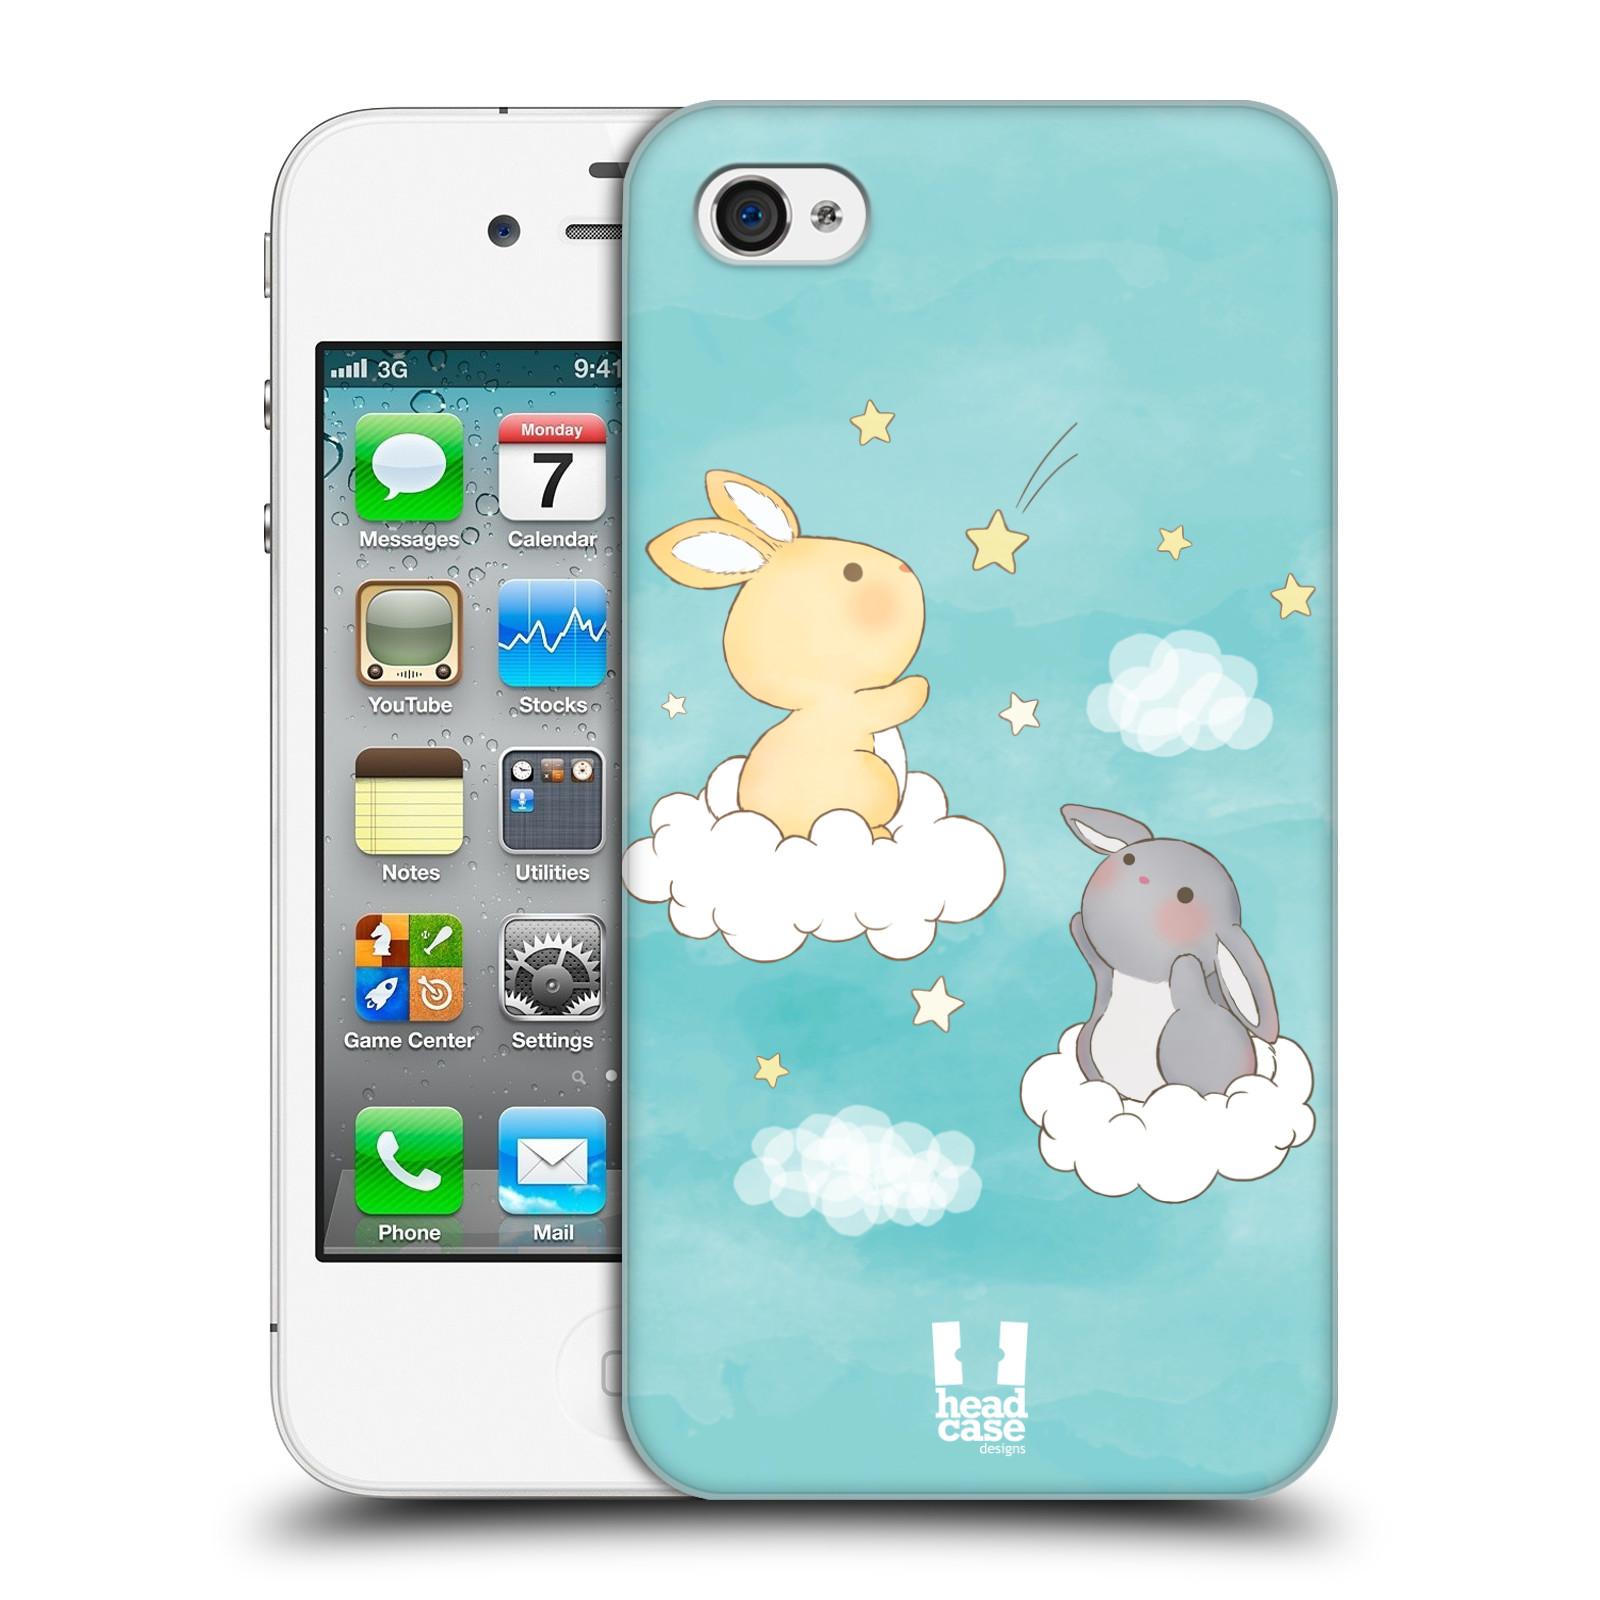 HEAD CASE plastový obal na mobil Apple Iphone 4/4S vzor králíček a hvězdy modrá